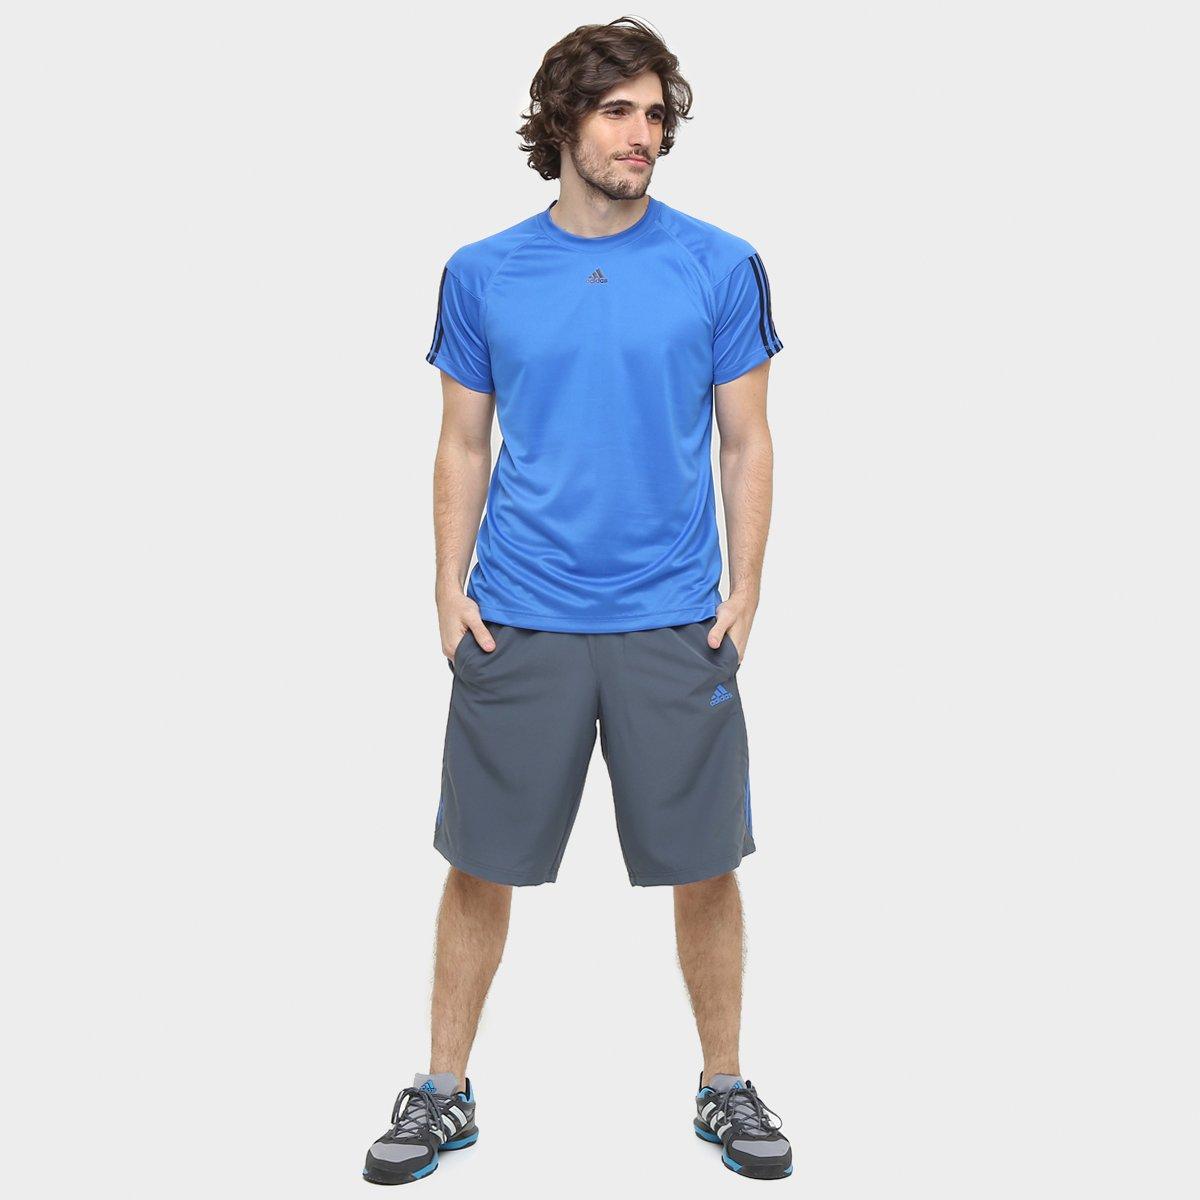 Camiseta Adidas Base 3S Masculina - Compre Agora  597113876350a